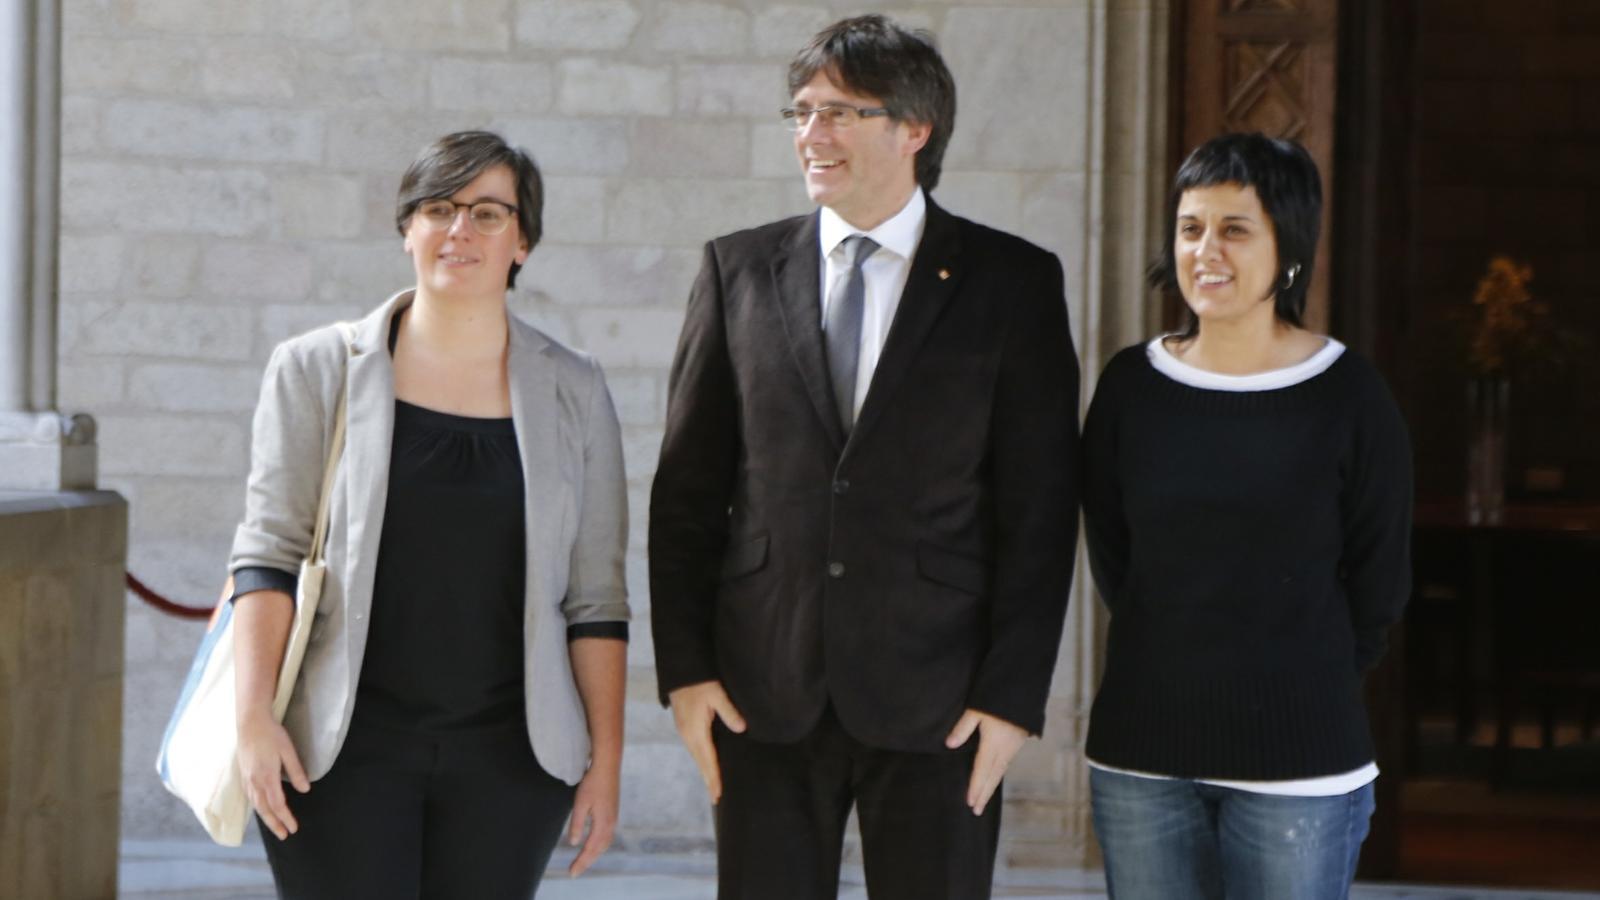 El president de la Generalitat, Carles Puigdemont, s'ha reunit amb les diputades de la CUP Mireia Boya i Anna Gabriel / FERRAN FORNÉ